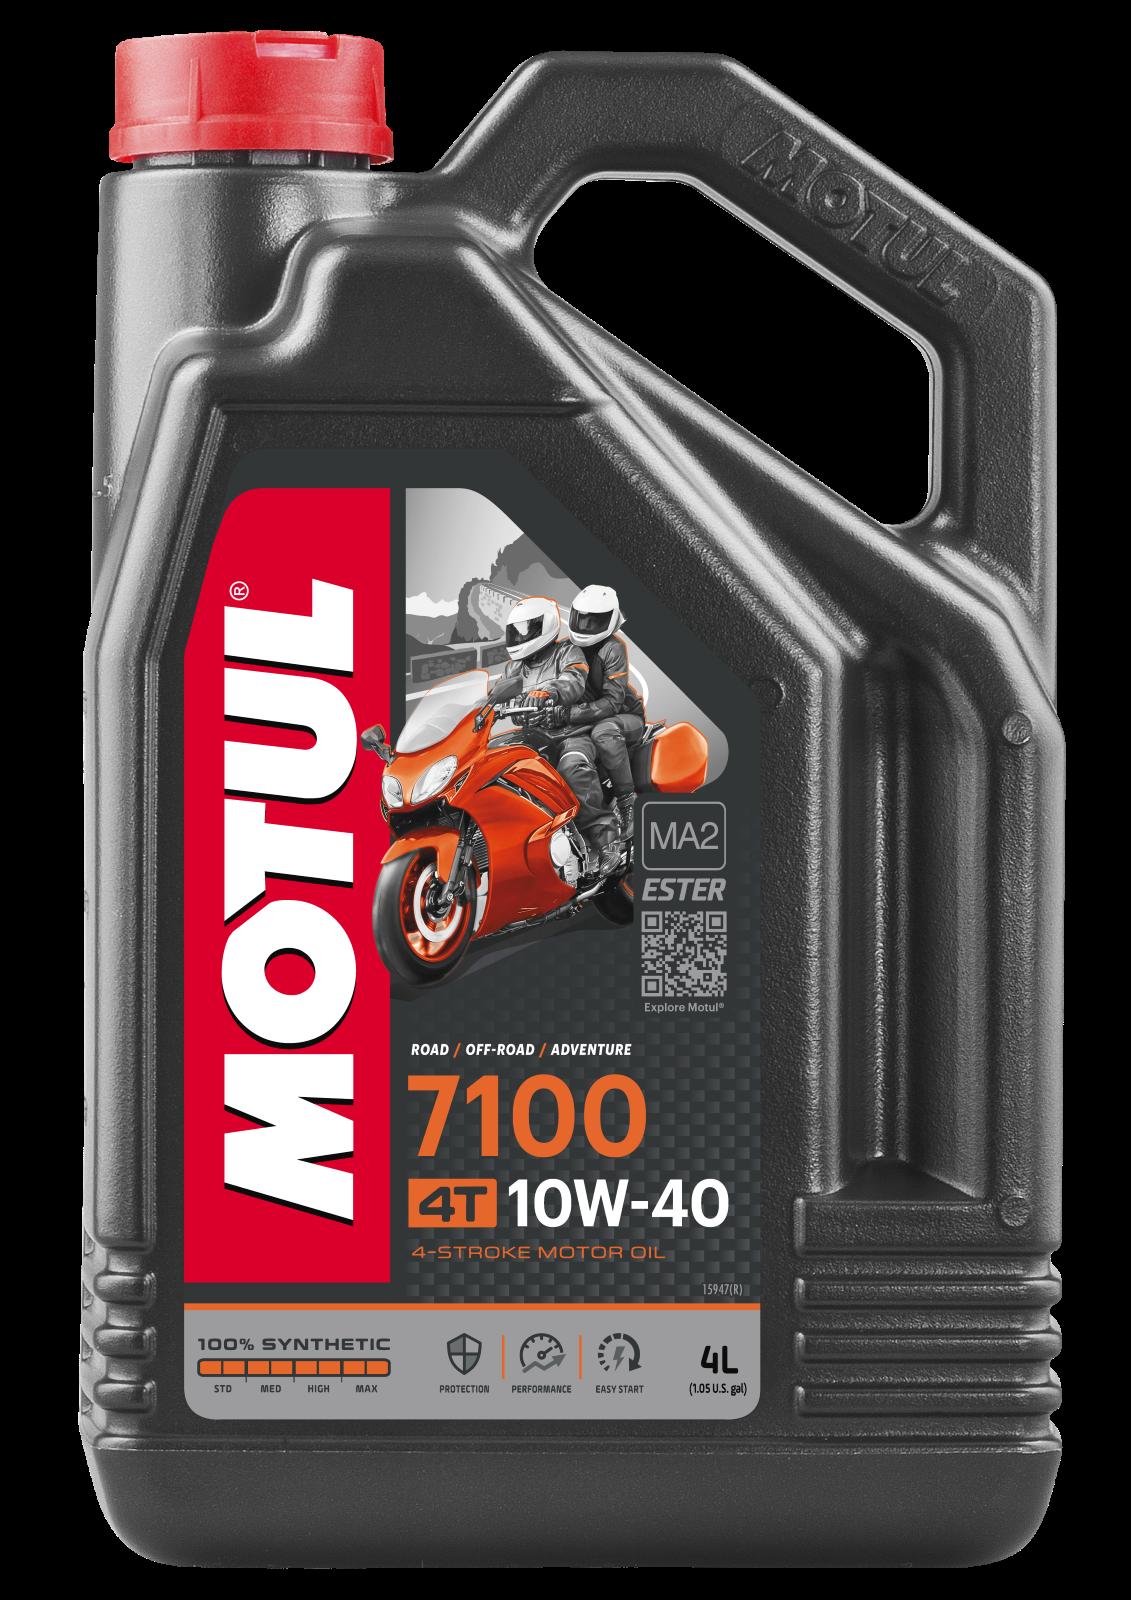 MOTUL AG MOTUL 7100 4T 10W-40 4L